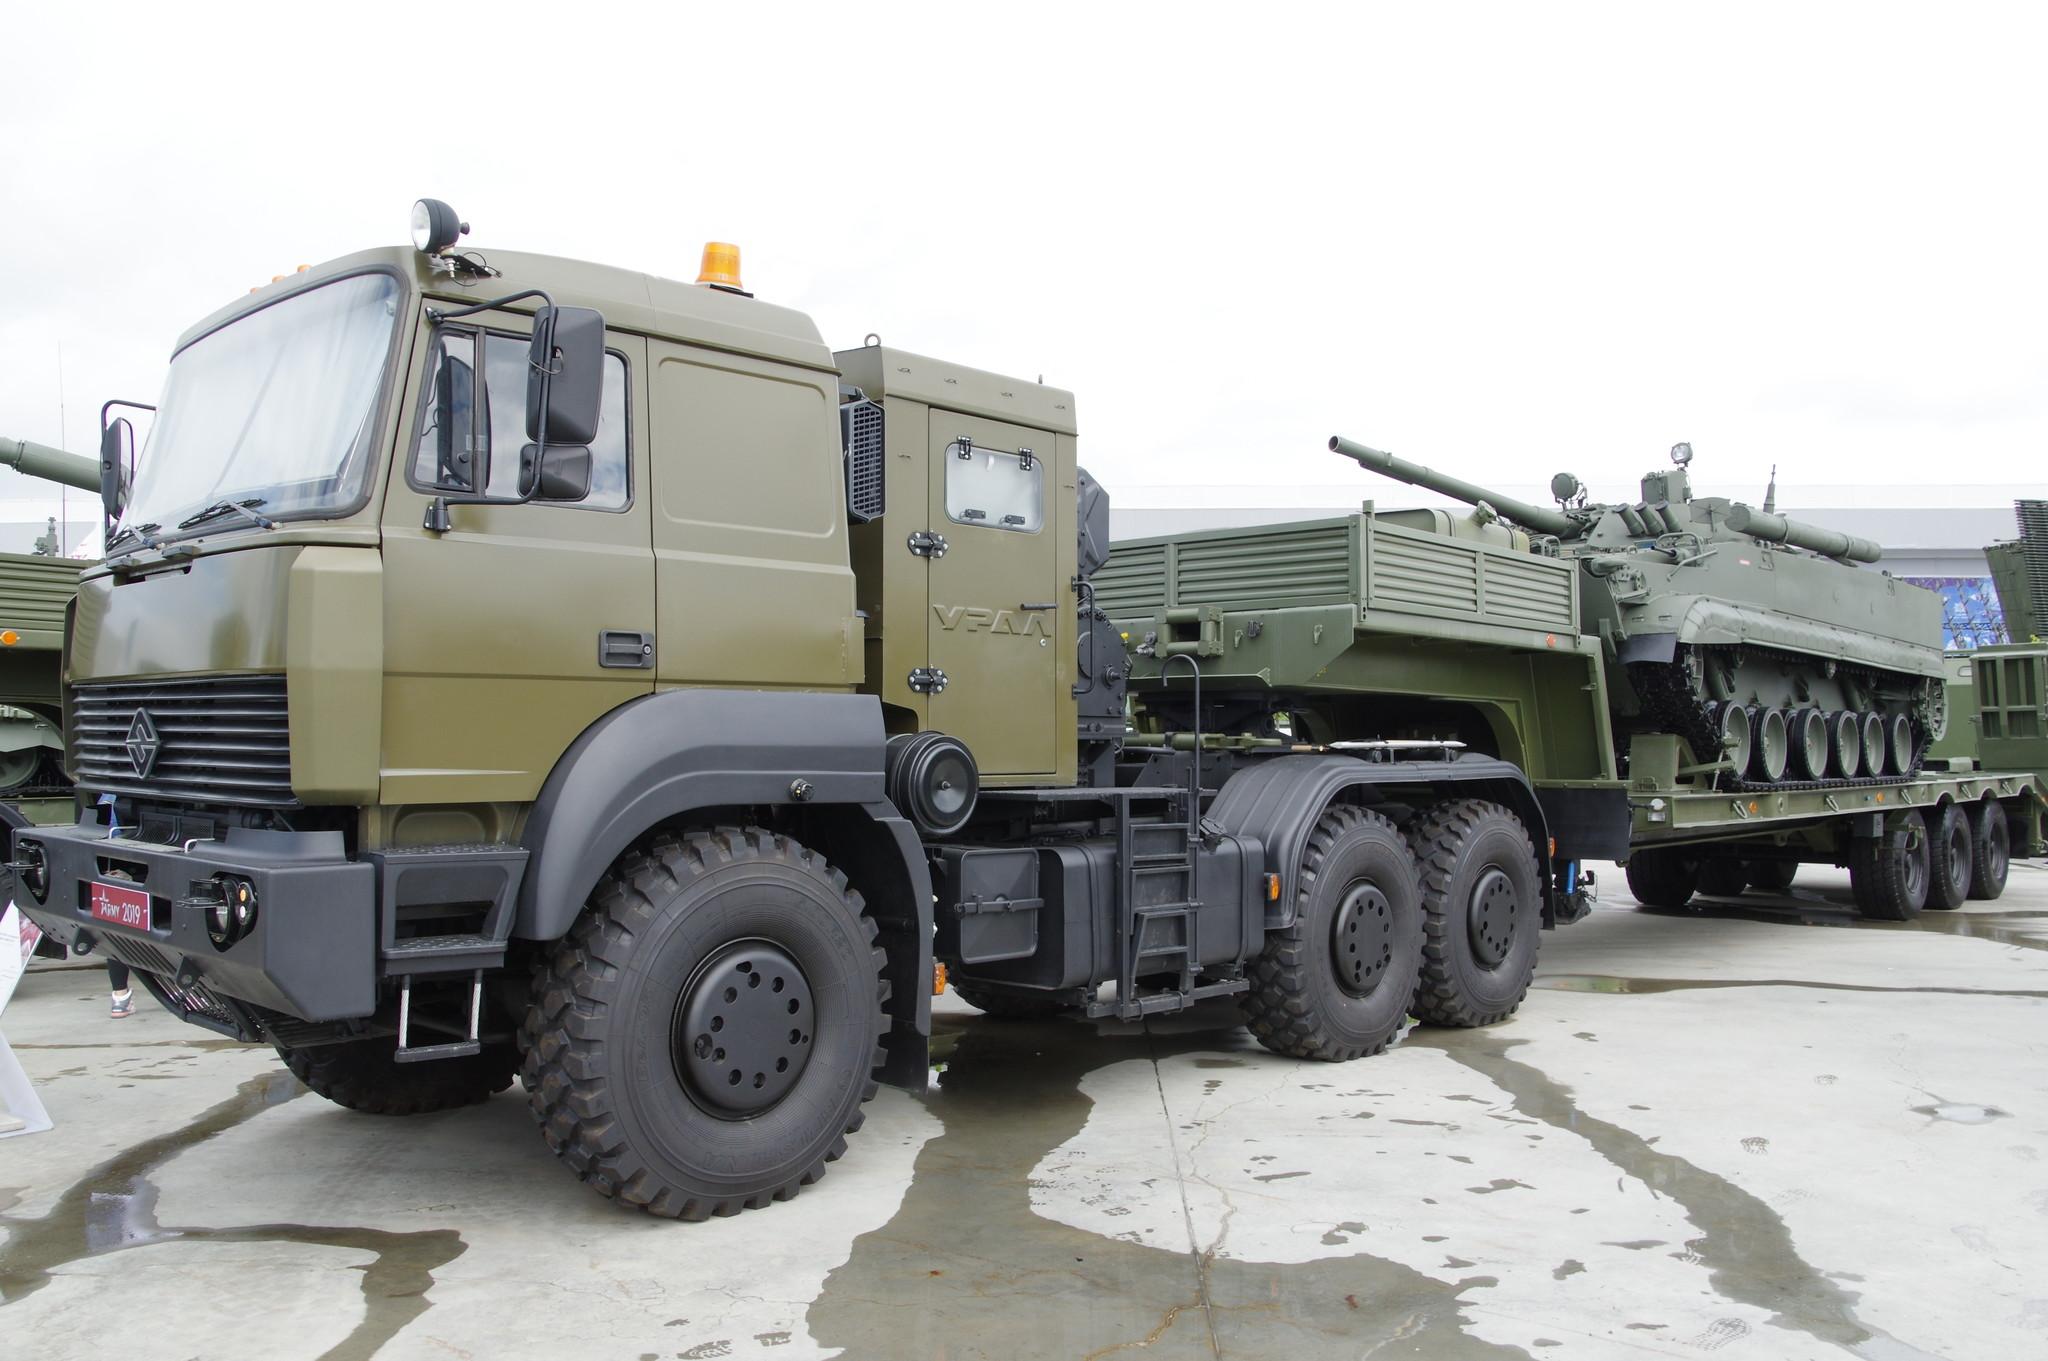 Боевая машина пехоты БМП-3 перевозимая на автомобиле УРАЛ-63704 с полуприцепом ЧМЗАП-9990 0073-03